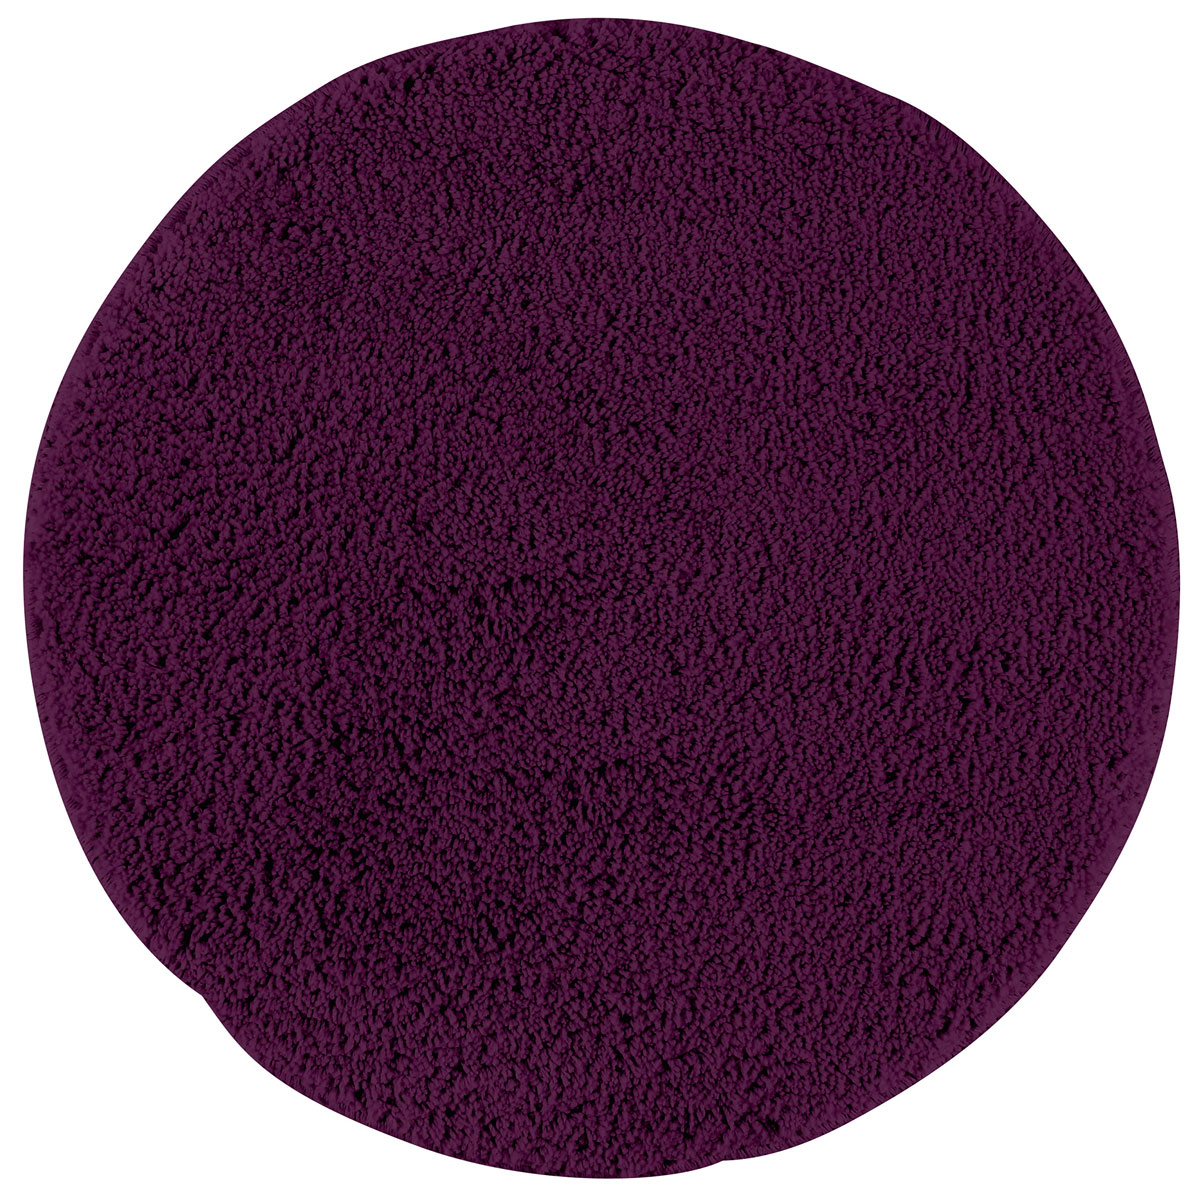 Коврик для ванной Axentia, противоскользящий, цвет: фиолетовый, диаметр 50 см391602Круглый коврик для ванной комнаты Axentia выполнен из высококачественной микрофибры. Противоскользящее основание изготовлено из термопластичной резины и подходит для полов с подогревом. Коврик стеганый, мягкий и приятный на ощупь, отлично впитывает влагу и быстро сохнет. Высокая износостойкость коврика и стойкость цвета позволит вам наслаждаться покупкой долгие годы.Можно стирать в стиральной машине. Диаметр коврика: 50 см. Высота ворса: 1,5 см.